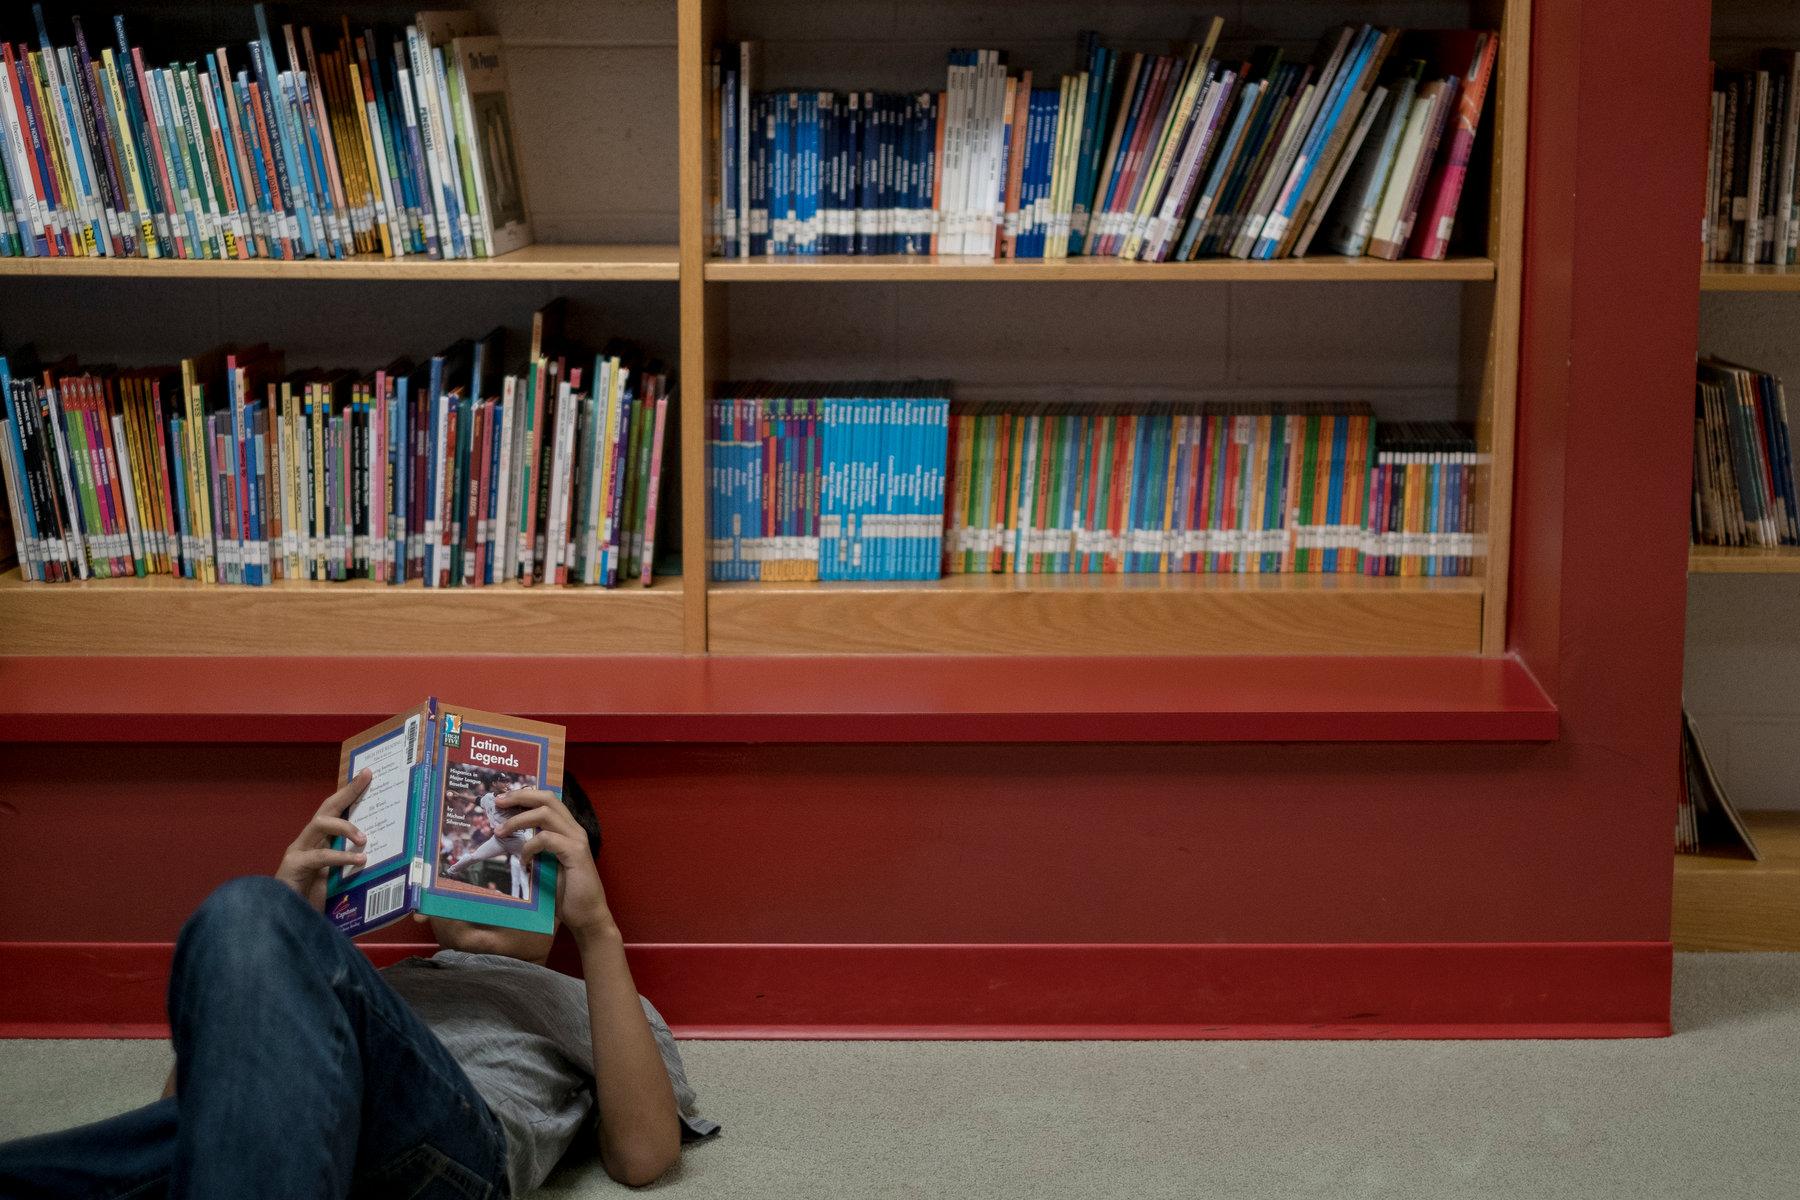 Студент чита књигу у библиотеци у једној школи у Балтимору (Фото: Gabriella Demczuk/The New York Times)